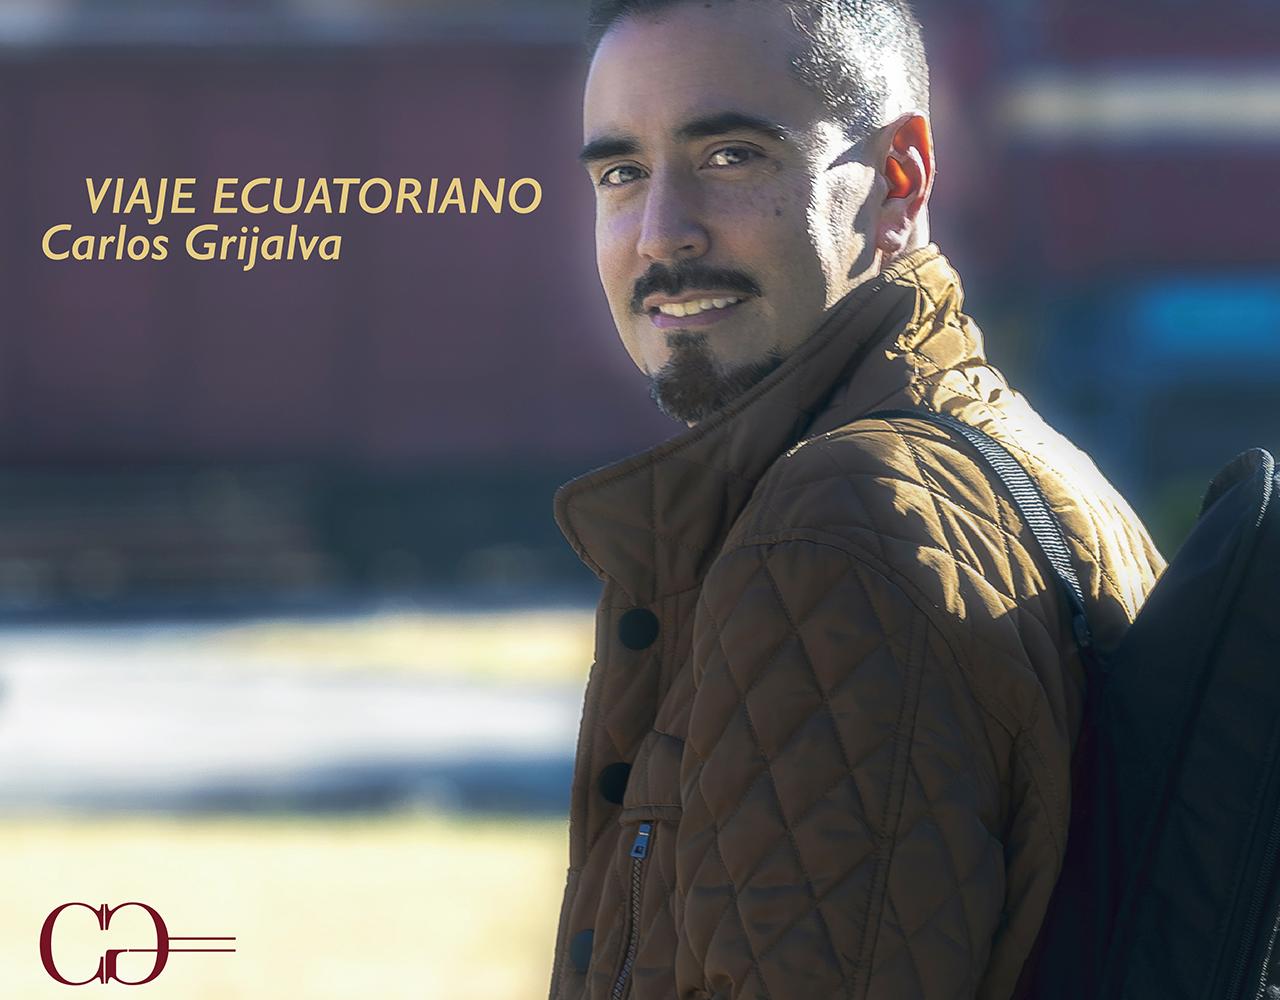 portada-album-viaje-ecuatoriano